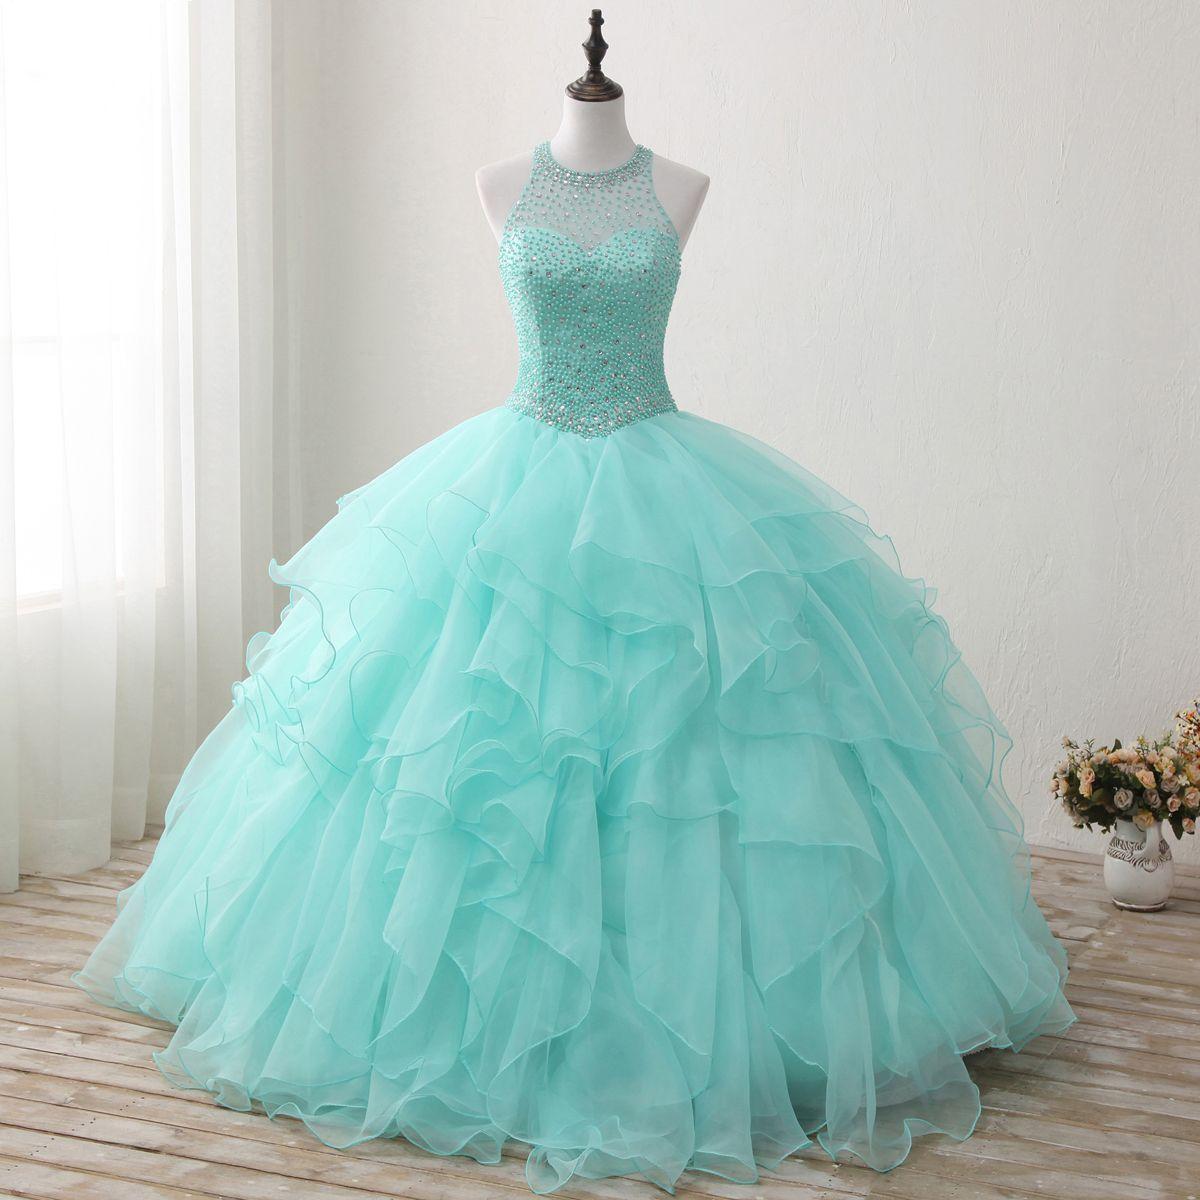 Compre Verde Menta Sweet 16 Vestidos Halter Quinceanera Vestidos Vestido De Bola Con Perlas De Cristal Organza Con Gradas Vestidos Largos Debutante